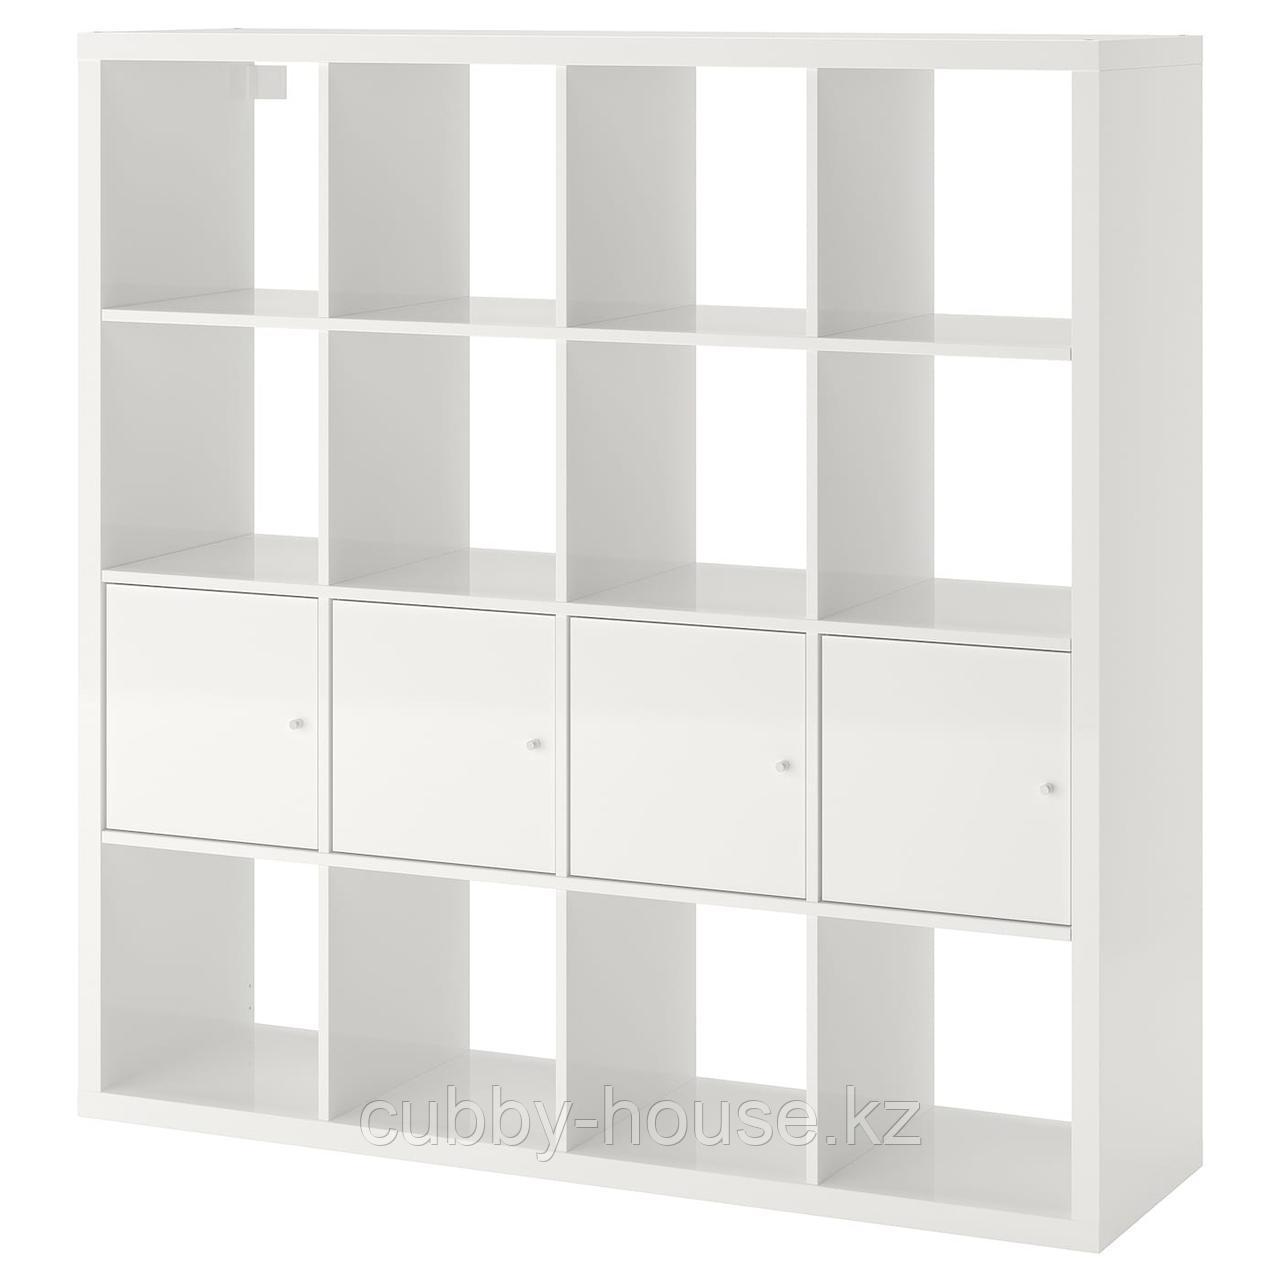 КАЛЛАКС Стеллаж с 4 вставками, белый, под беленый дуб, 147x147 см